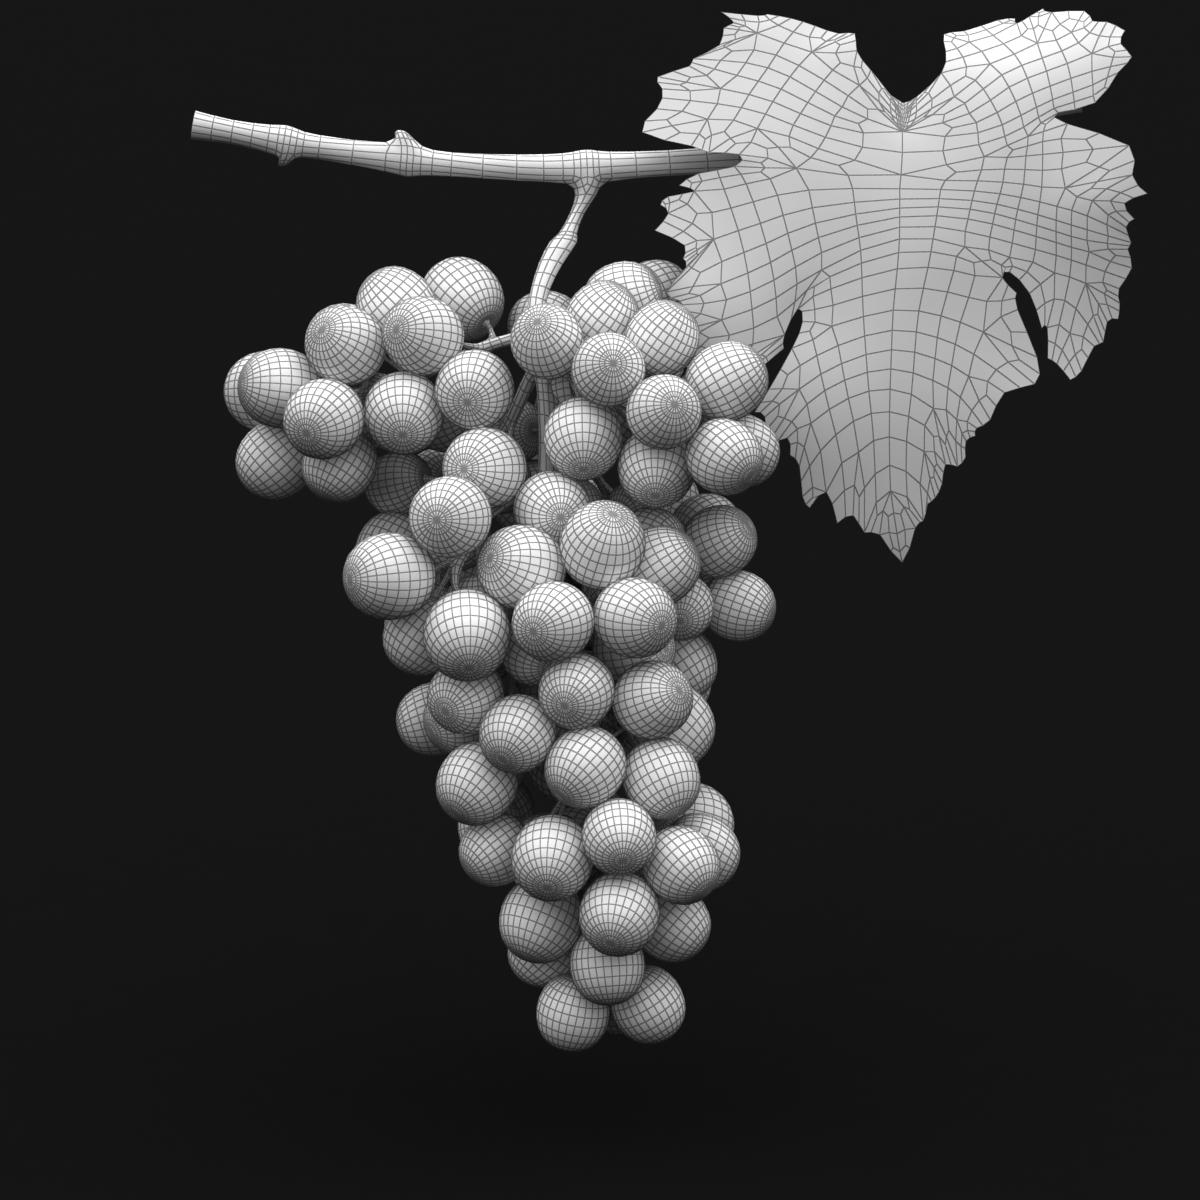 grapes red 3d model 3ds max fbx c4d lwo obj 204263